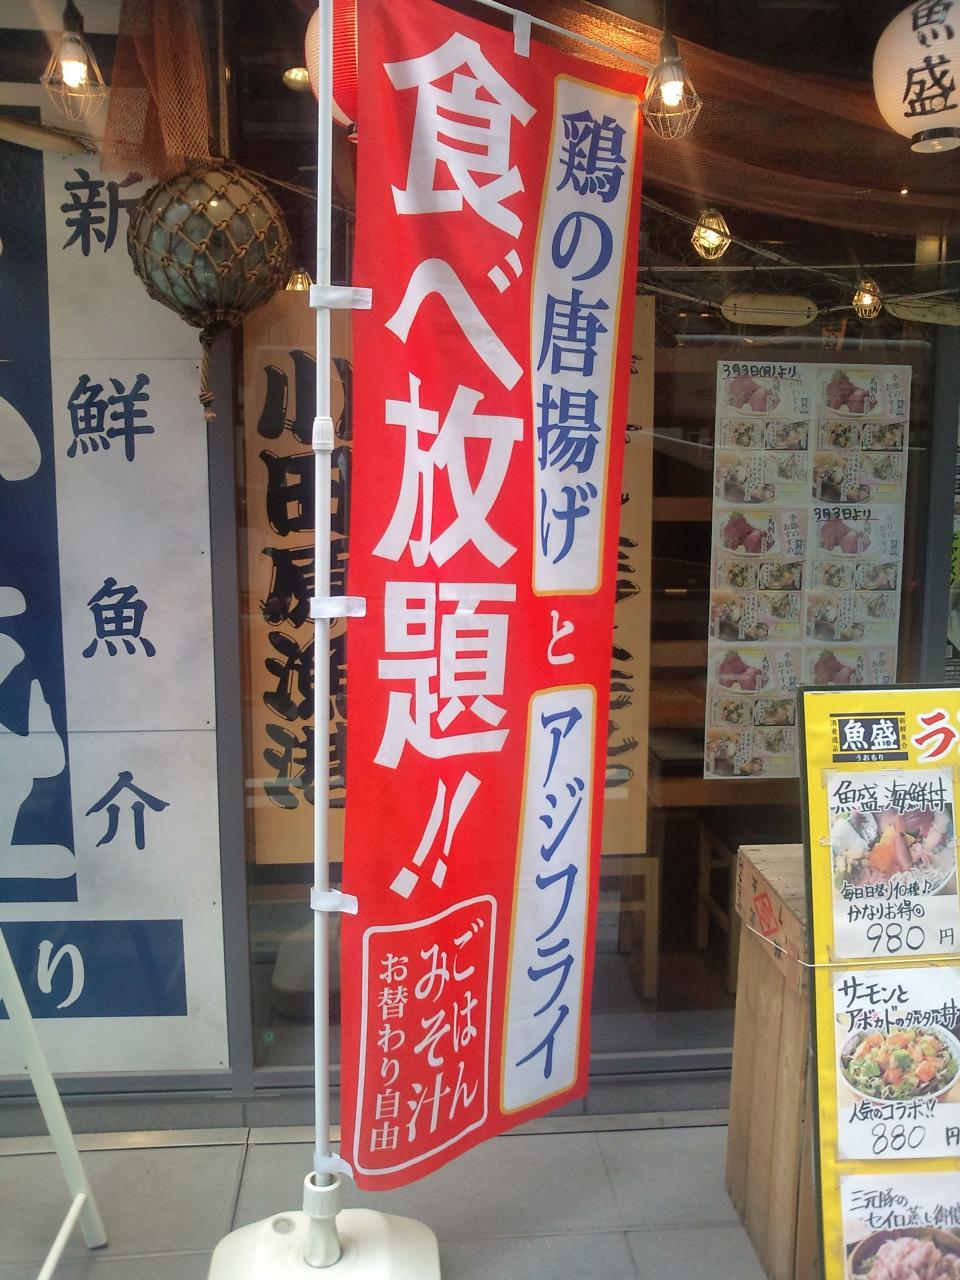 魚盛 日本橋店(店舗外観)